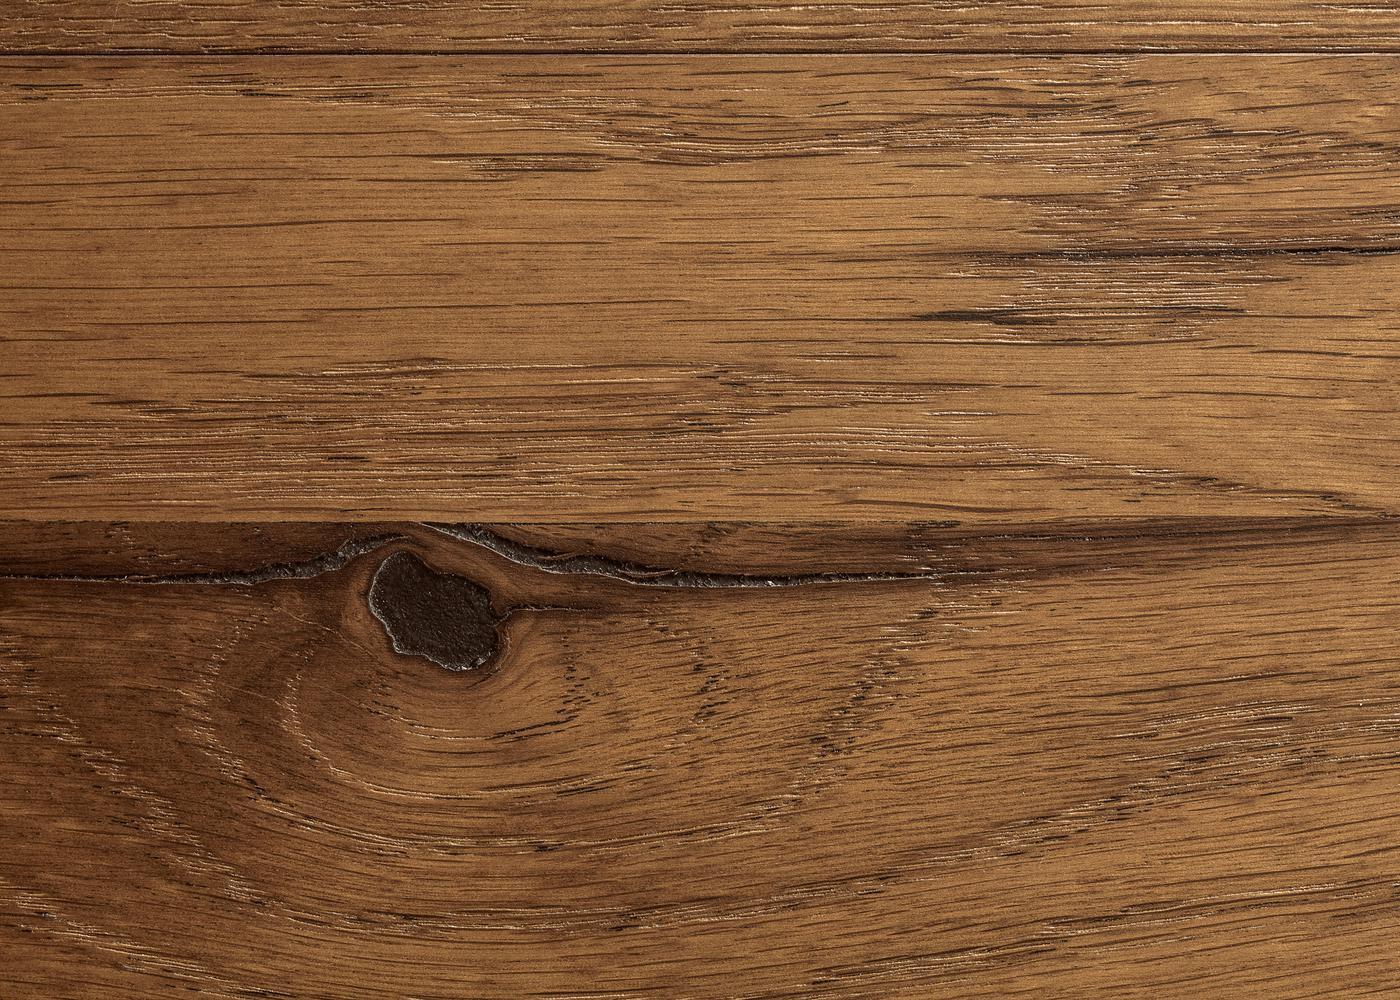 Sol plaqué bois Chêne Prato brossé vernis extra-mat - Deluxe - Elégance 12x166x1810